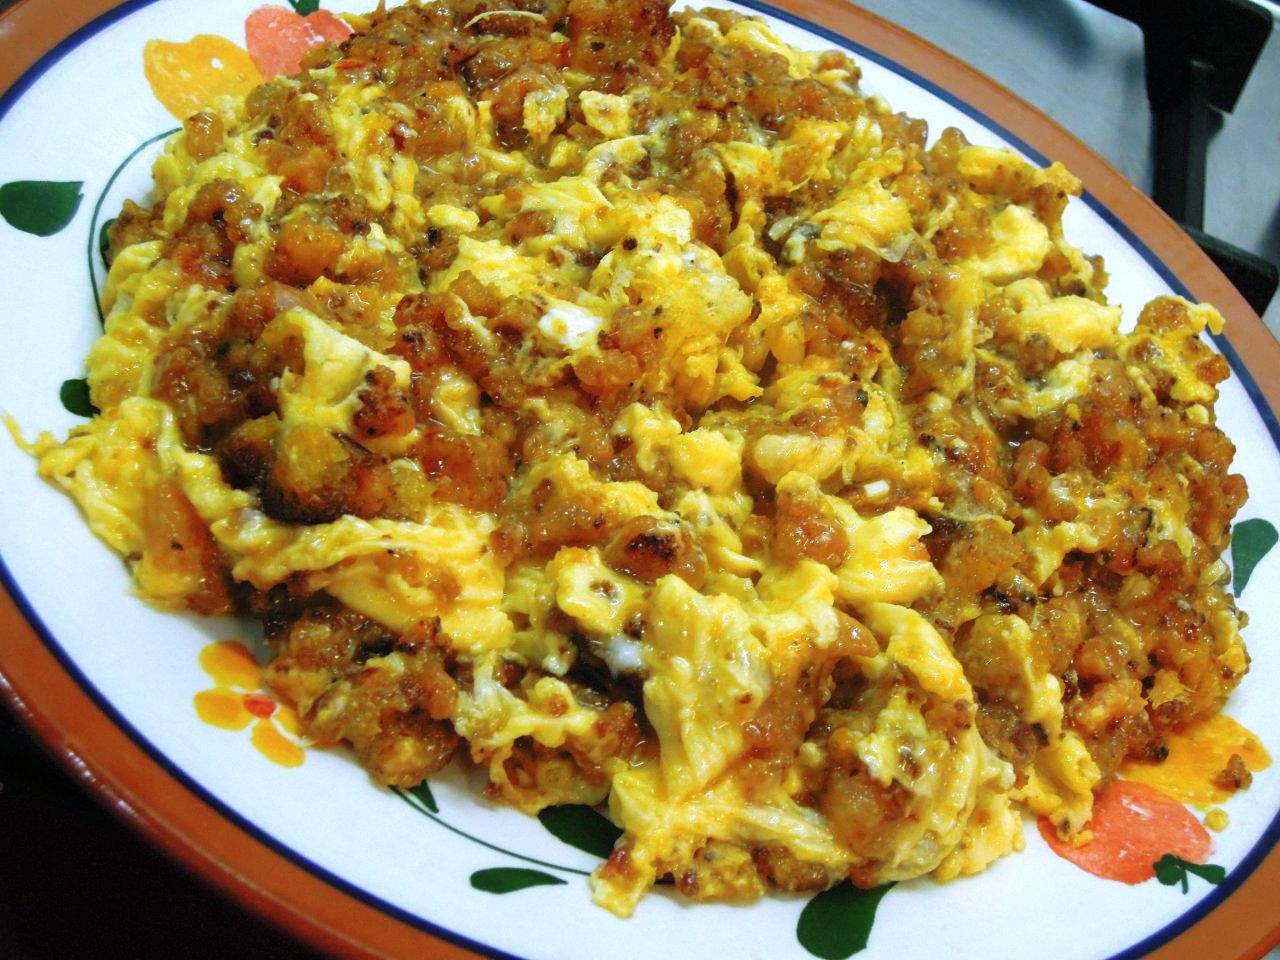 ovos mexidos com farinheira Ovos mexidos com farinheira, que petisco à maneira DSCN1888